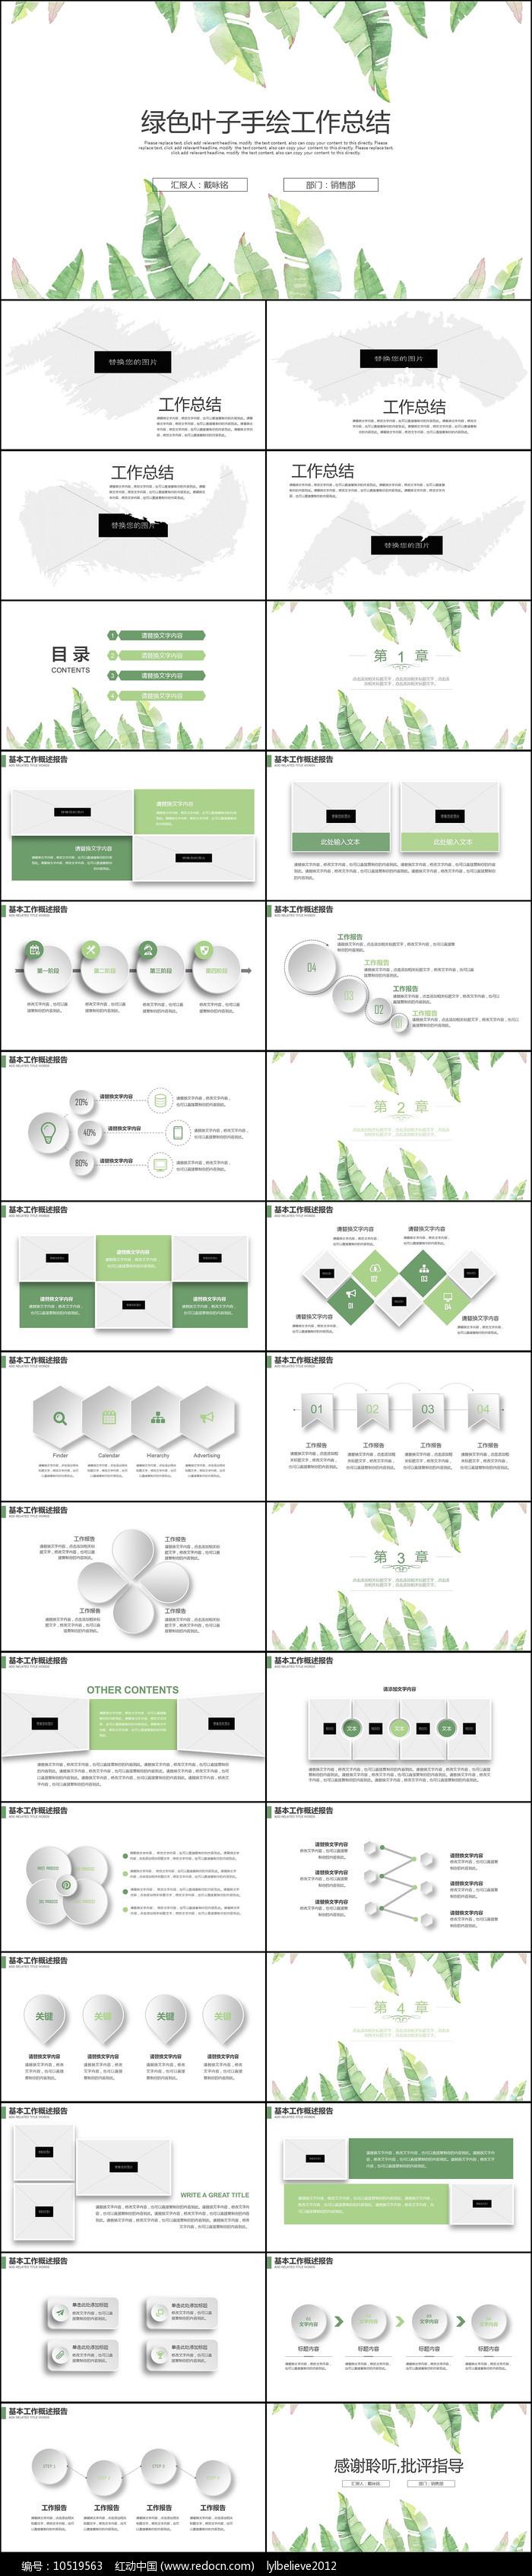 绿色手绘淡雅清新工作总结述职报告PPT图片